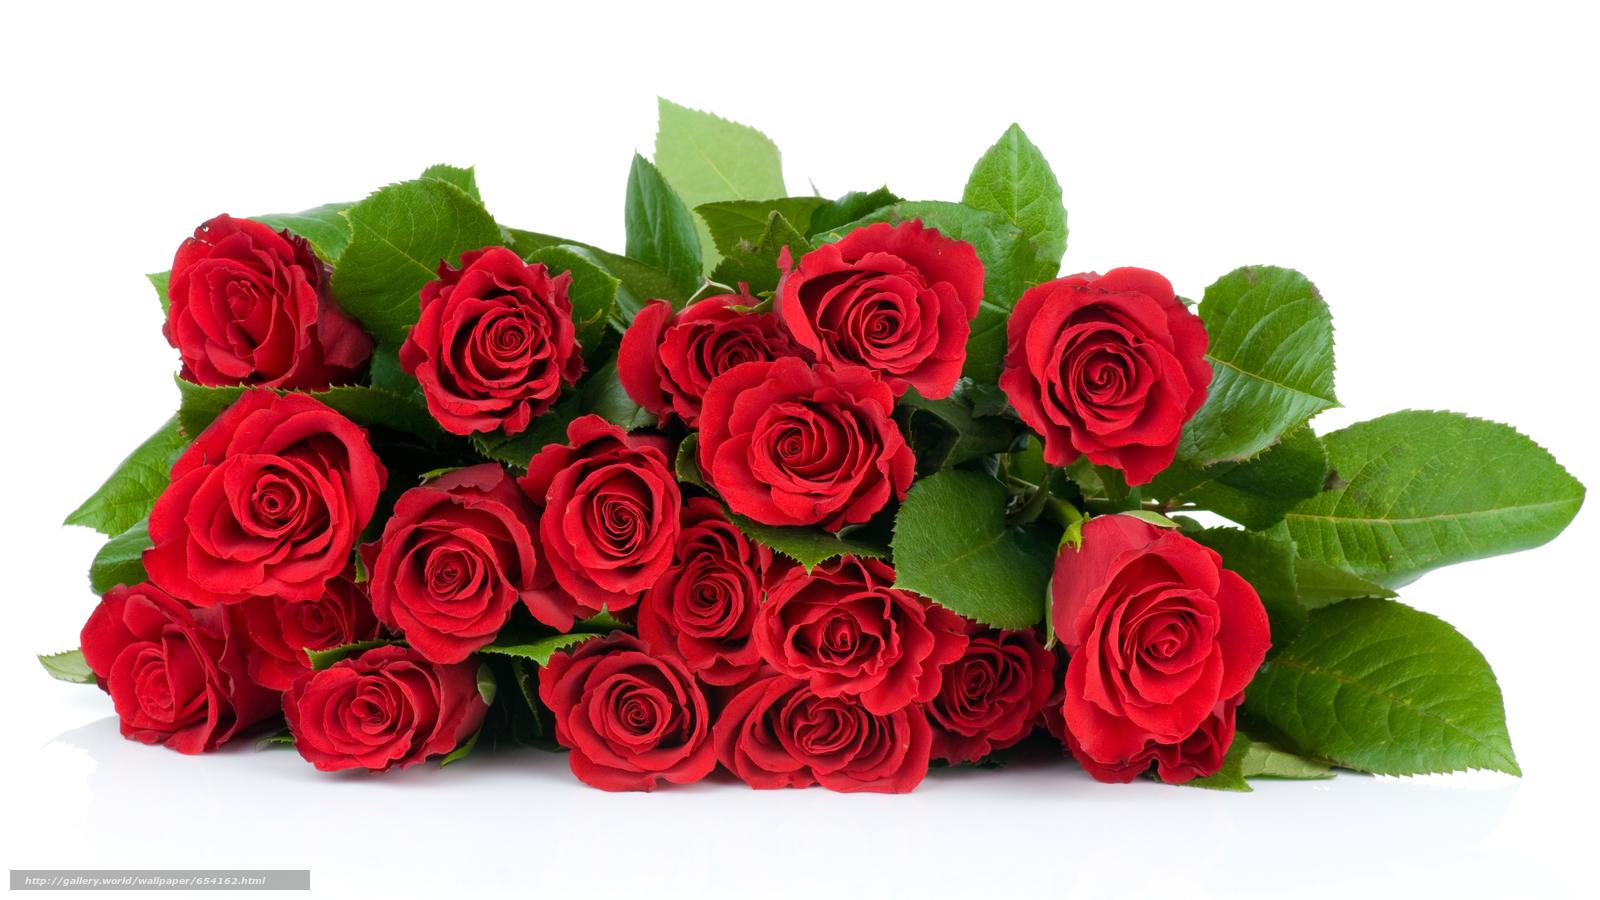 Скачать обои роза,  розы,  цветок,  цветы бесплатно для рабочего стола в разрешении 4074x2292 — картинка №654162